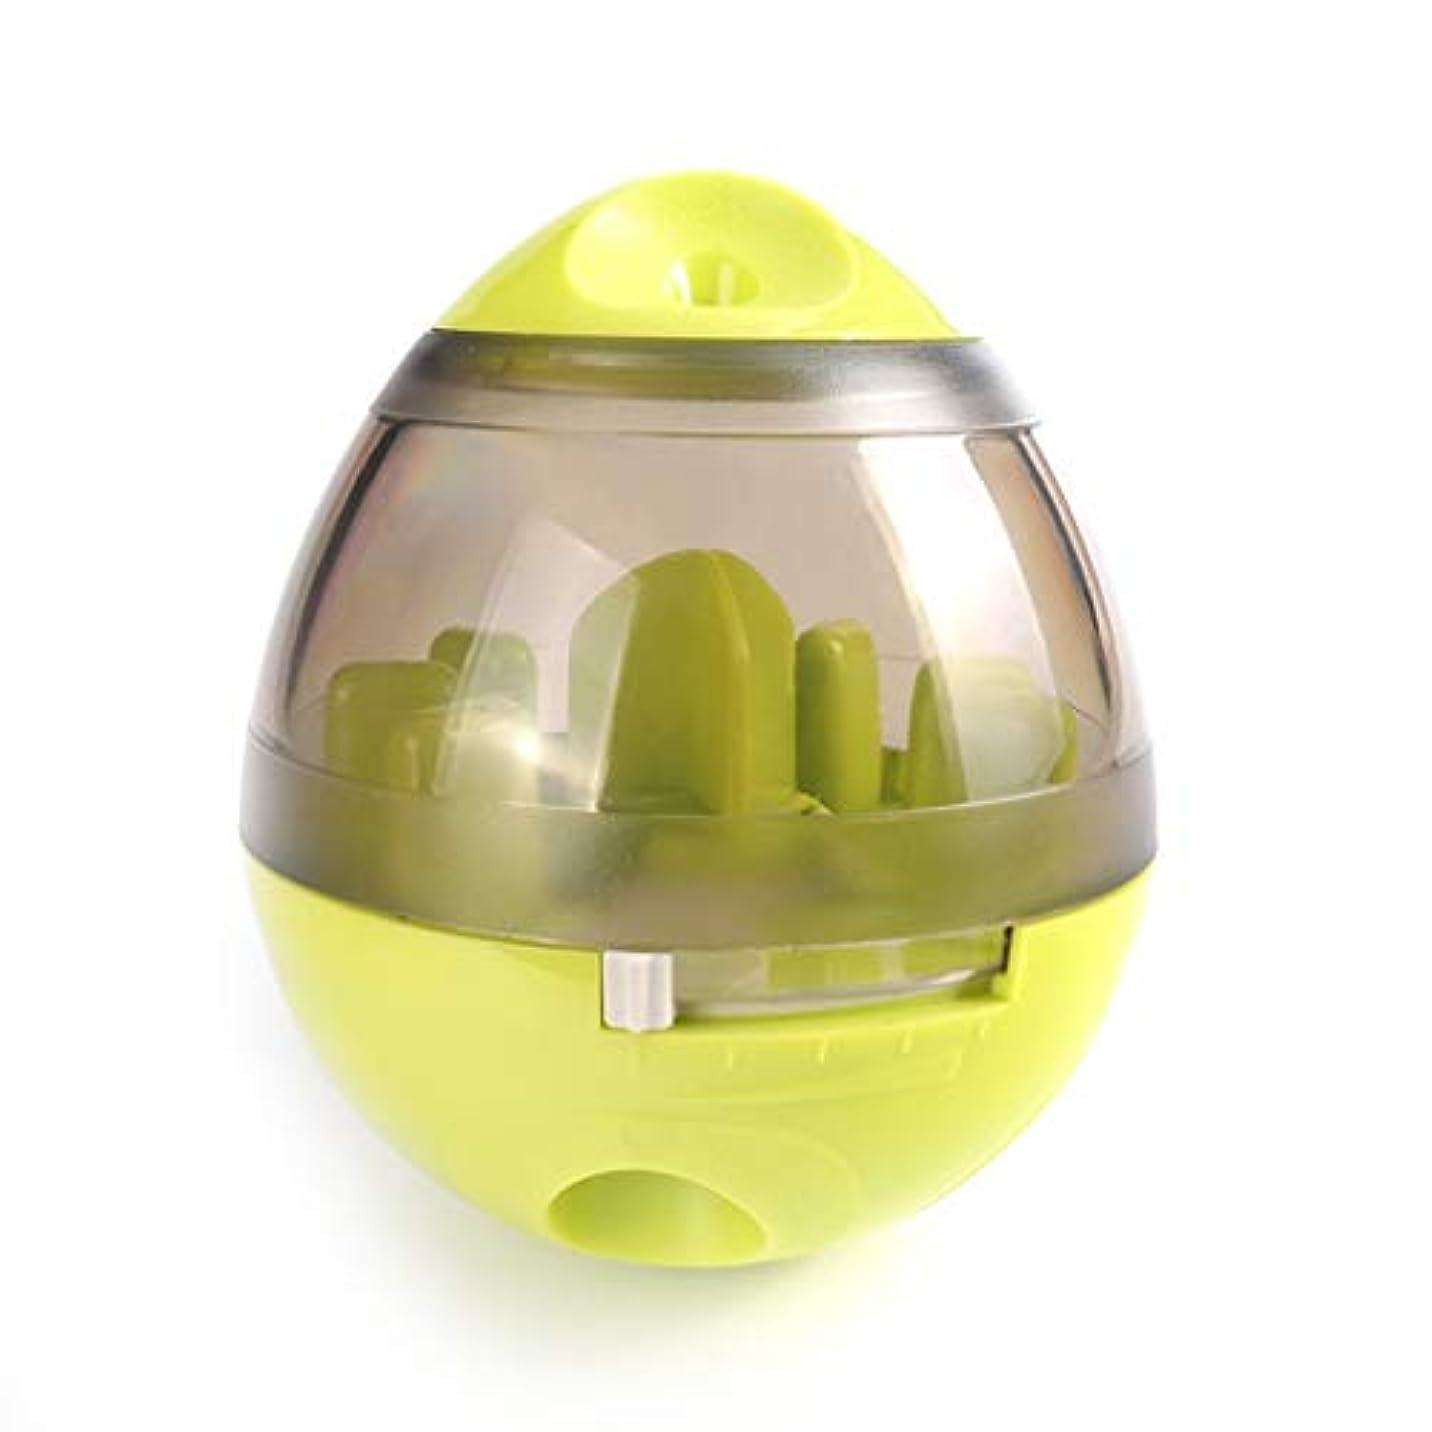 教育者専ら船尾IUYWLペットボール ペット用おもちゃ、タンブラーラバーベース、噛みにくいペット、フードボール、パズルペットトレーニングボール IUYWLペットボール (Color : Green)